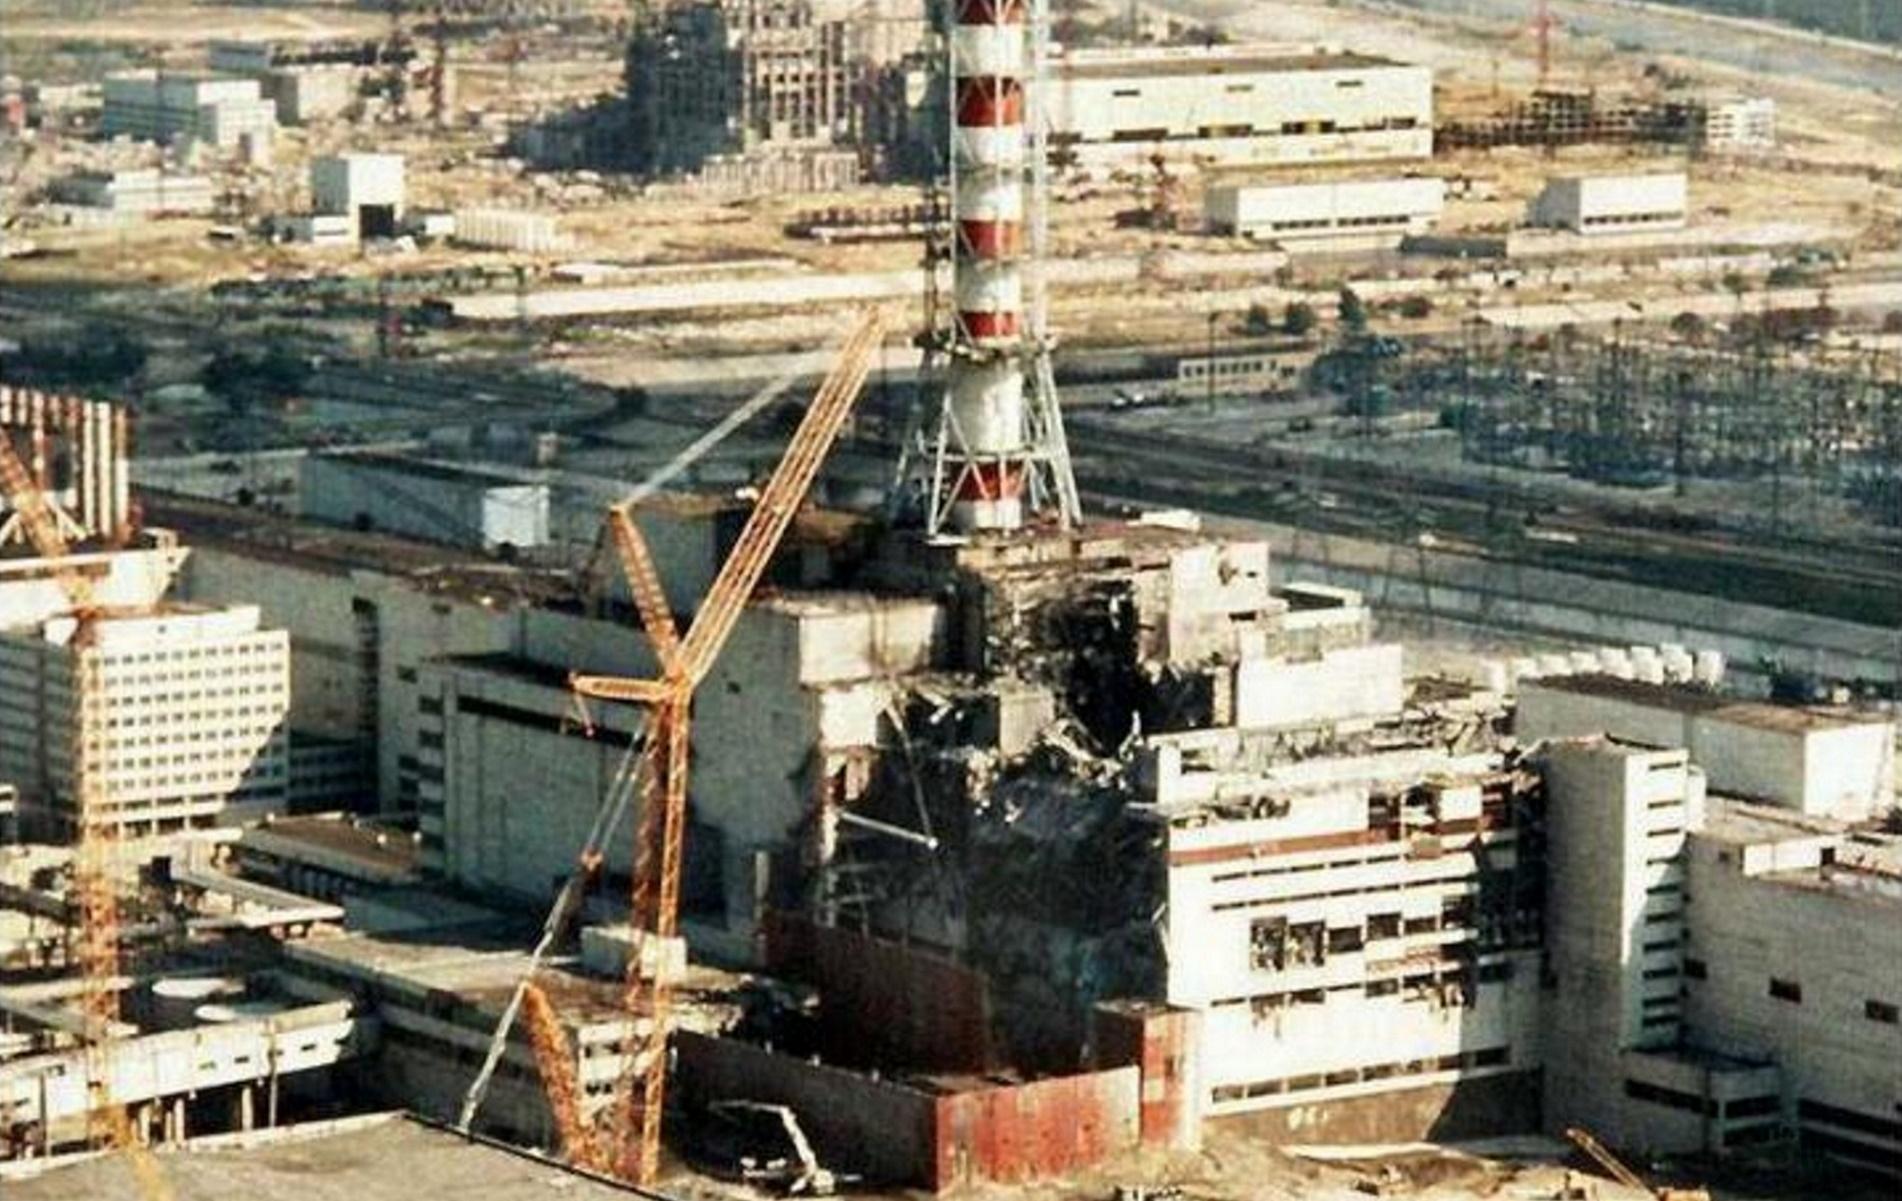 Τσερνόμπιλ: 35 χρόνια από το χειρότερο πυρηνικό δυστύχημα στην Ιστορία της ανθρωπότητας (pics, vid)